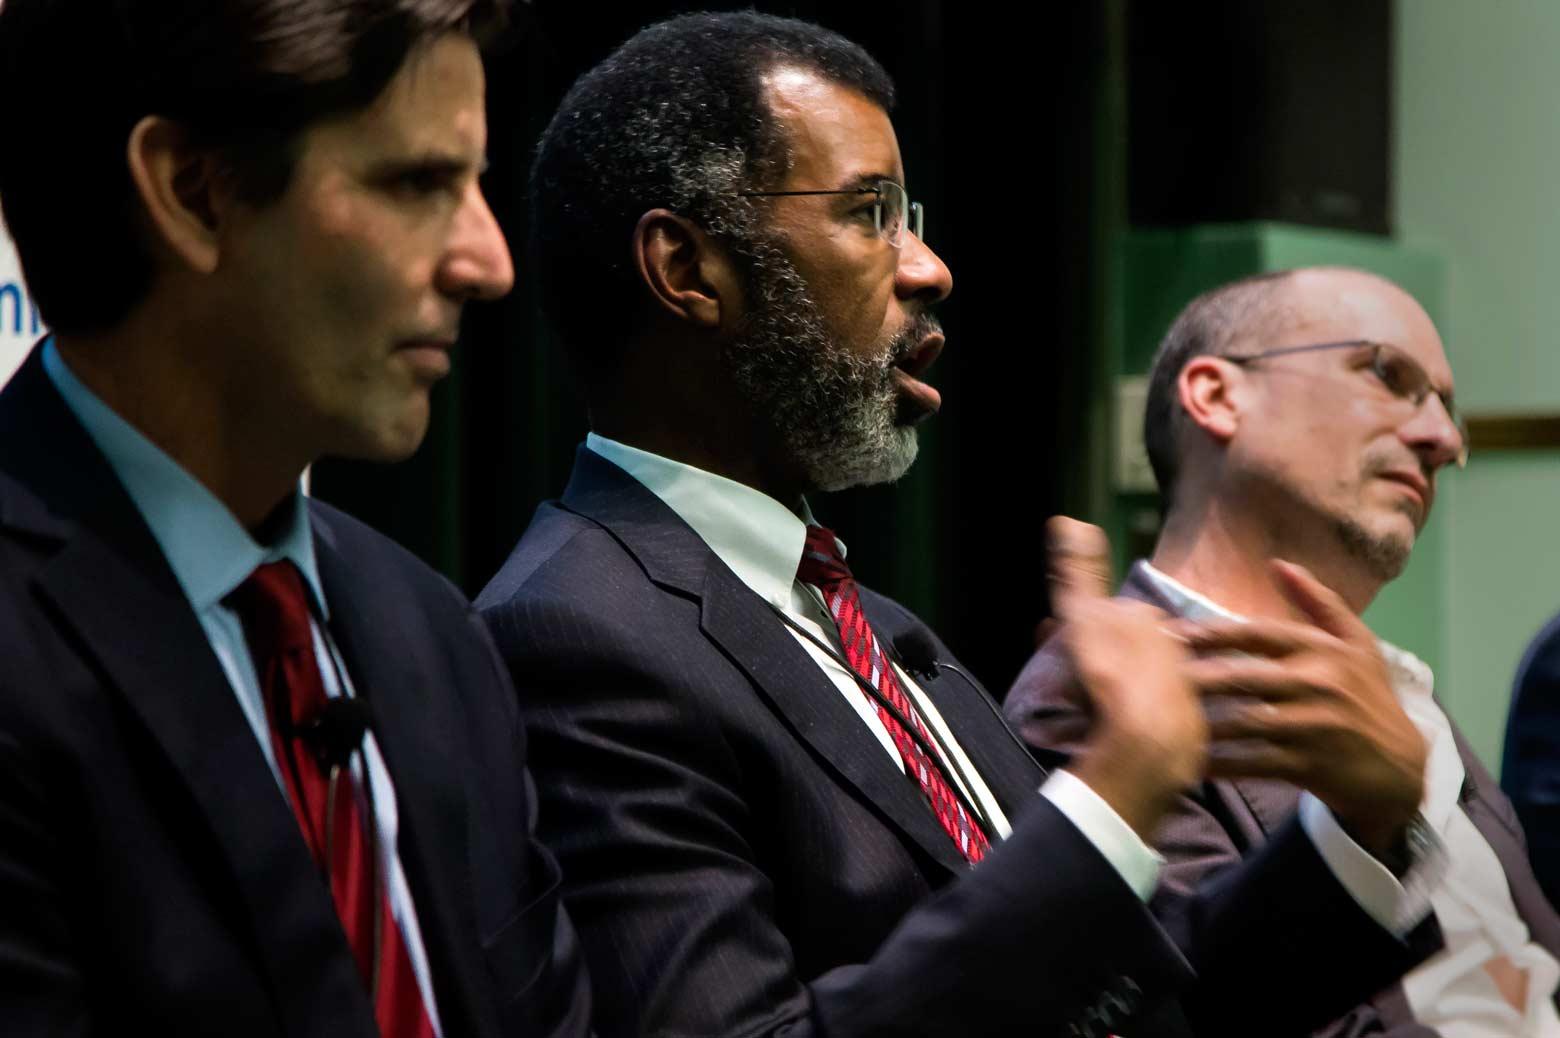 man speaking as part of panel